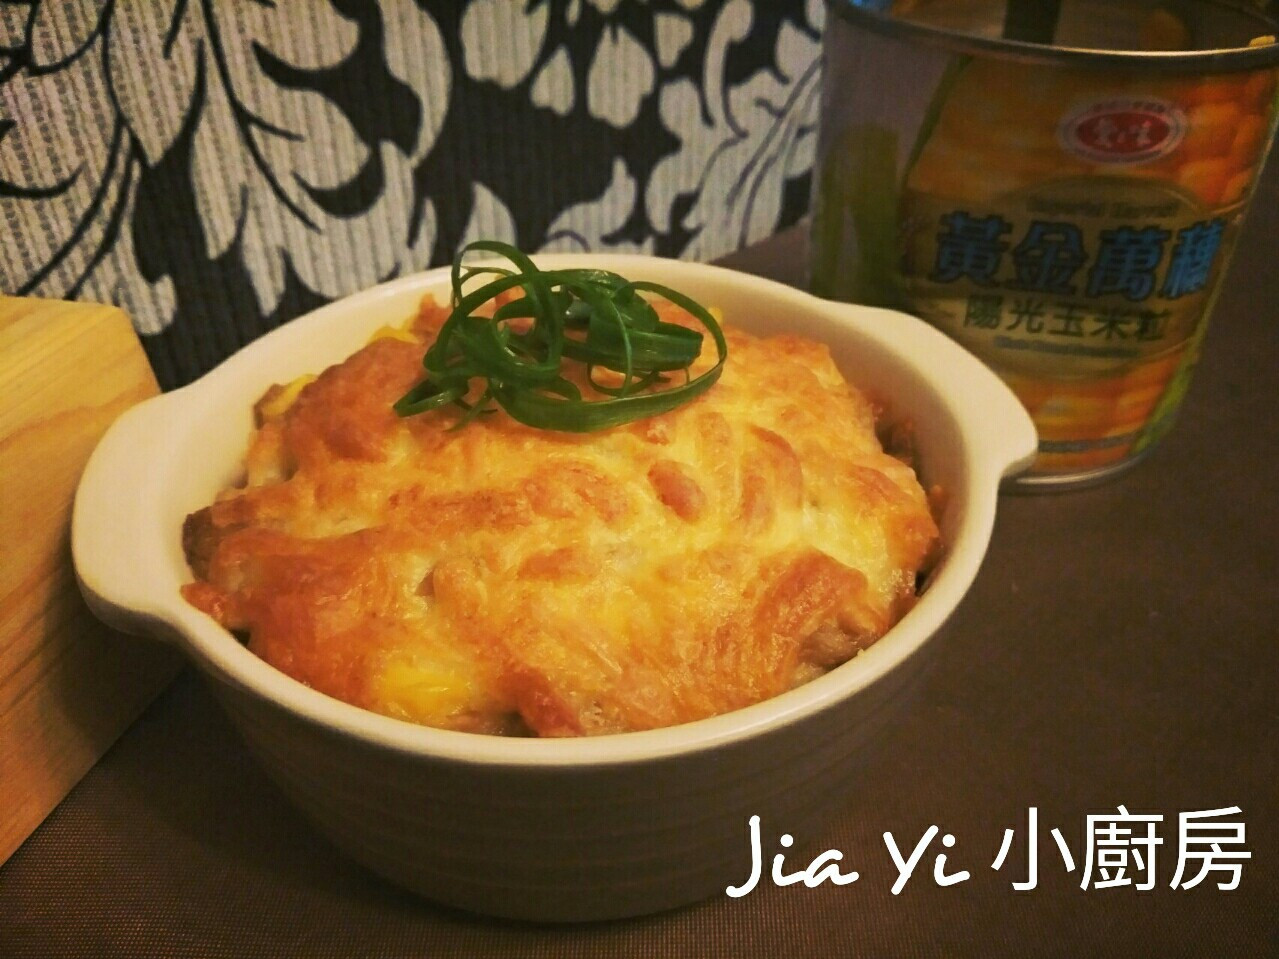 焗烤鮪玉馬鈴薯(愛之味陽光玉米粒)